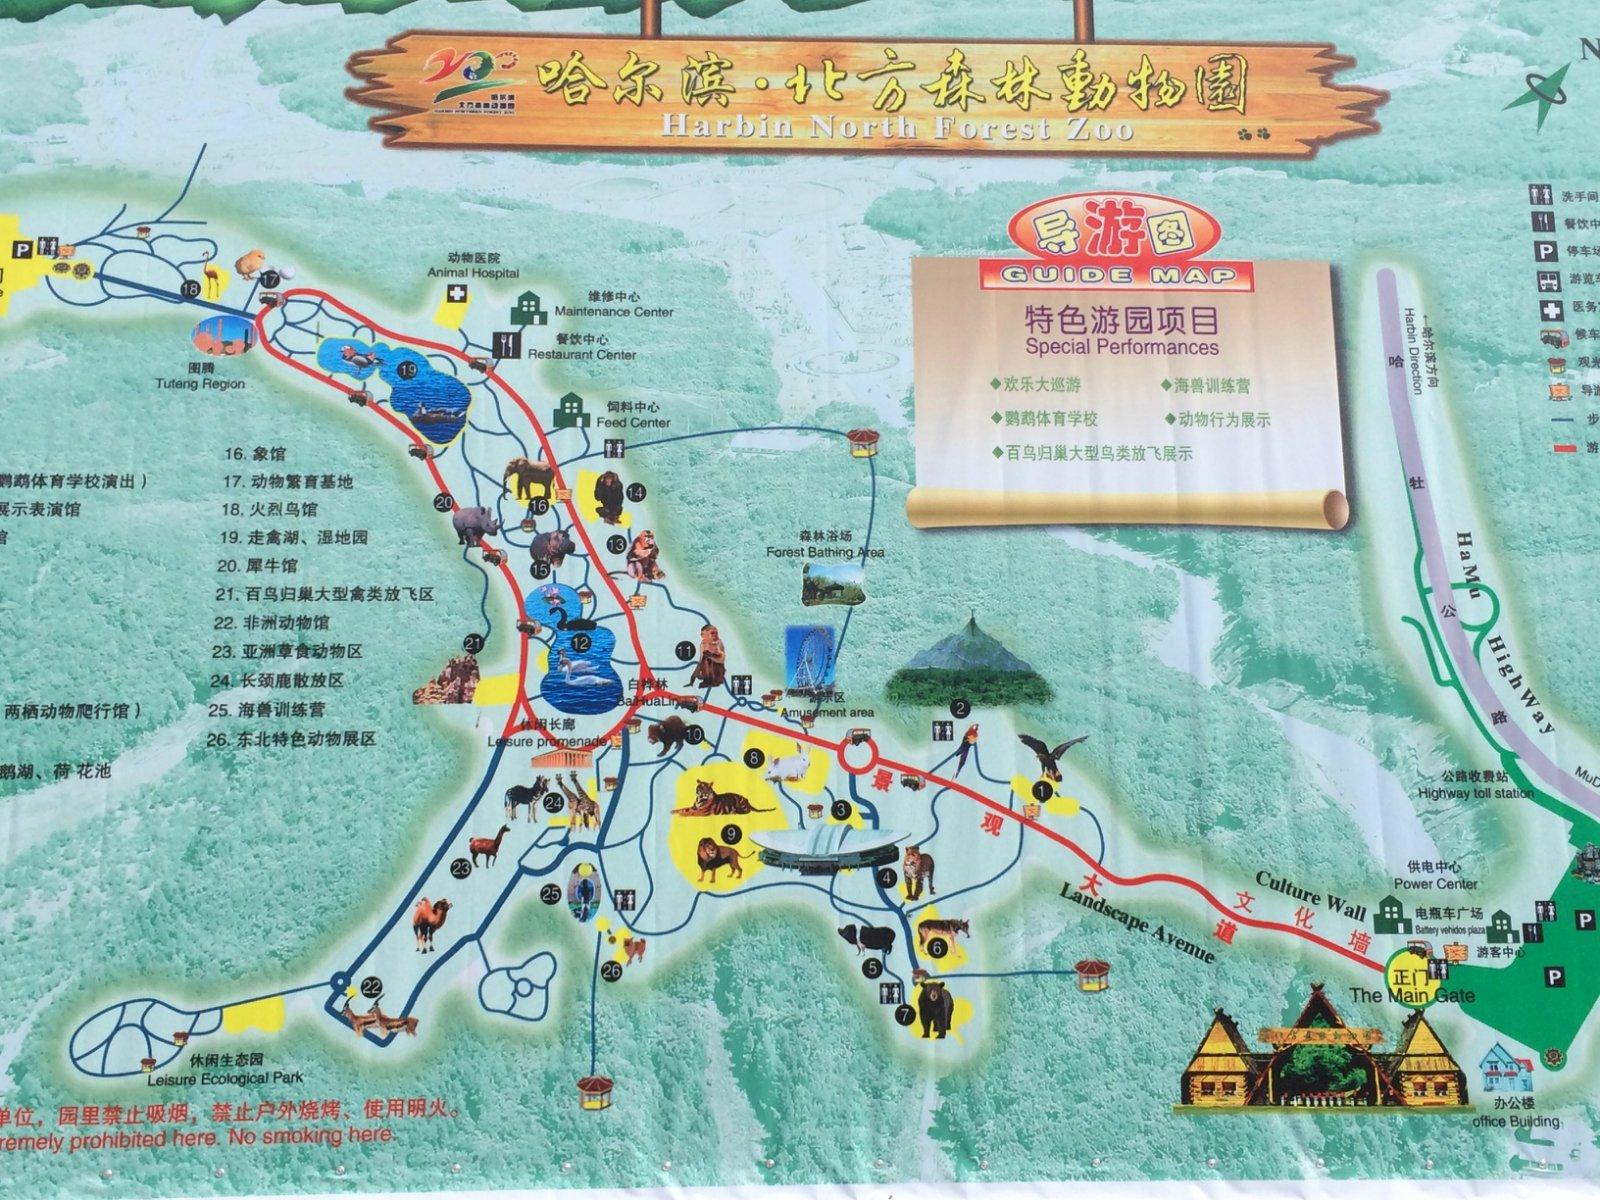 北方森林动物园,是由哈尔滨老动物园后迁过去的,位于哈尔滨阿城区